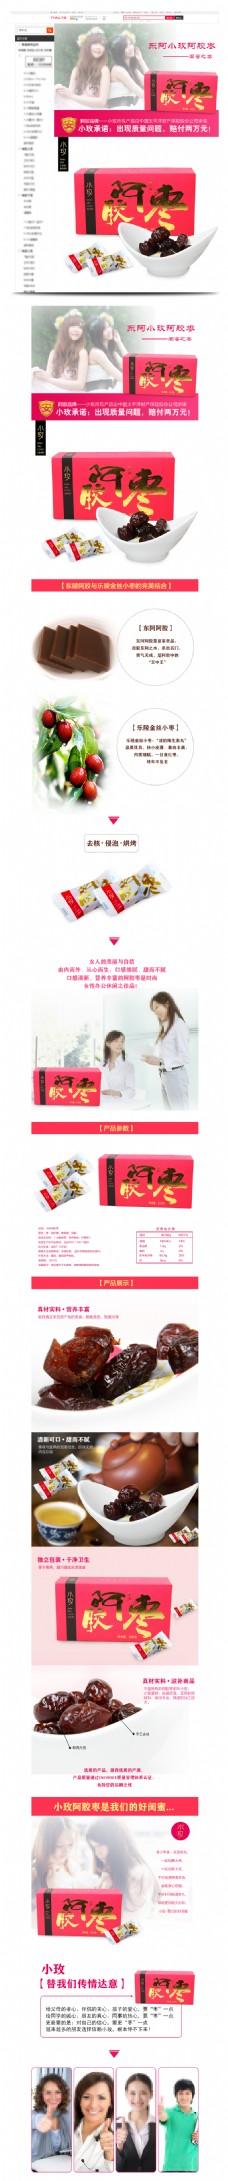 中国风阿胶糕详情页模板